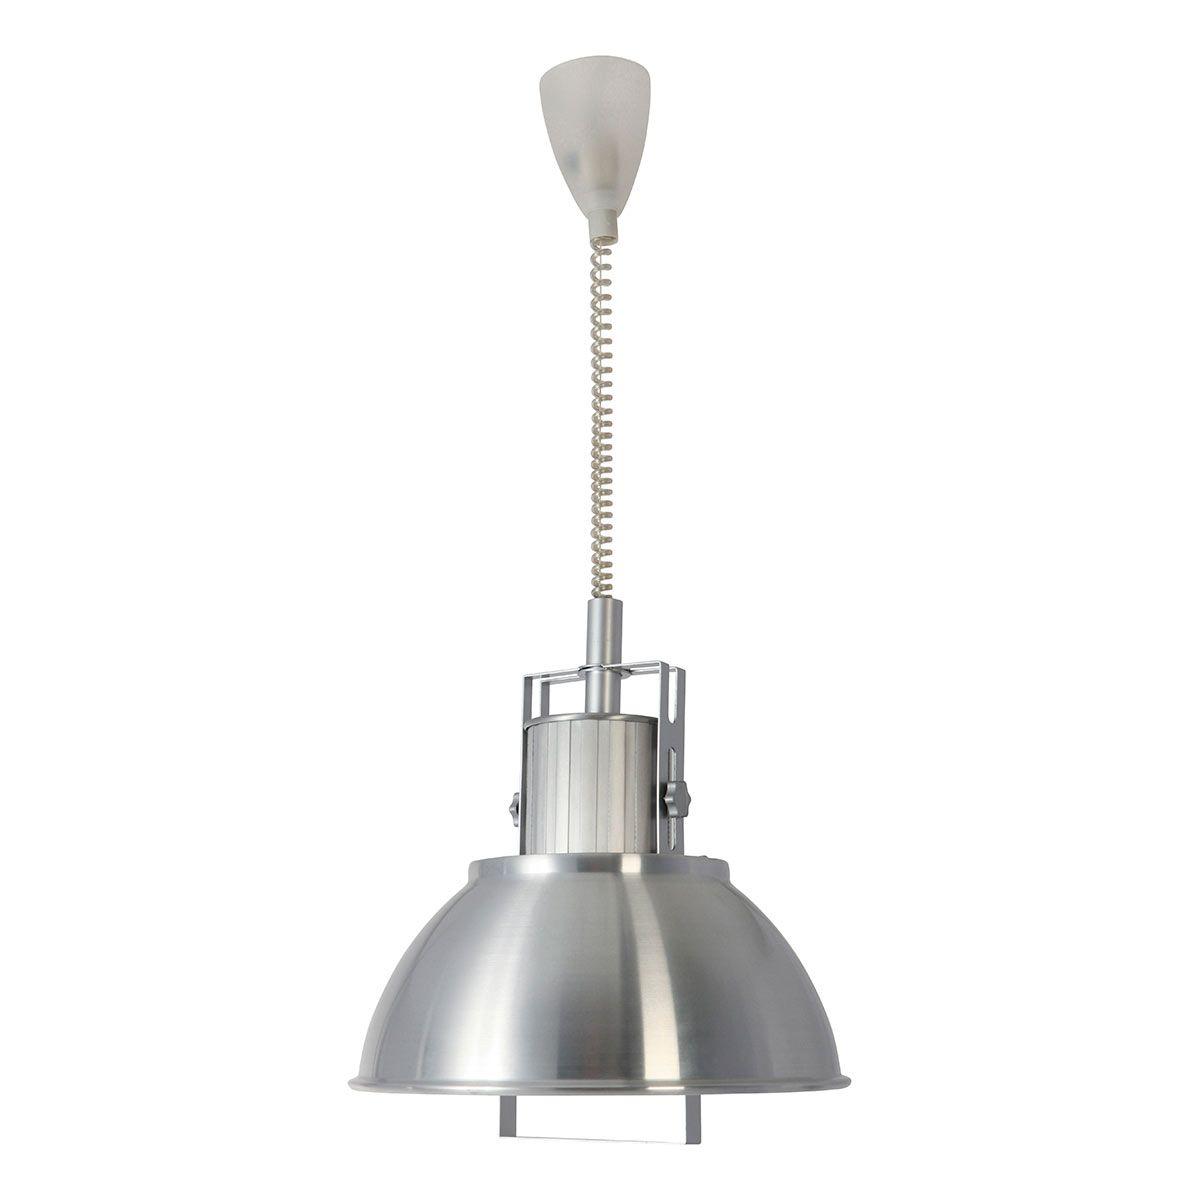 Rococo Hanglamp 7278ST Industriële hanglamp 7278 staal met ...